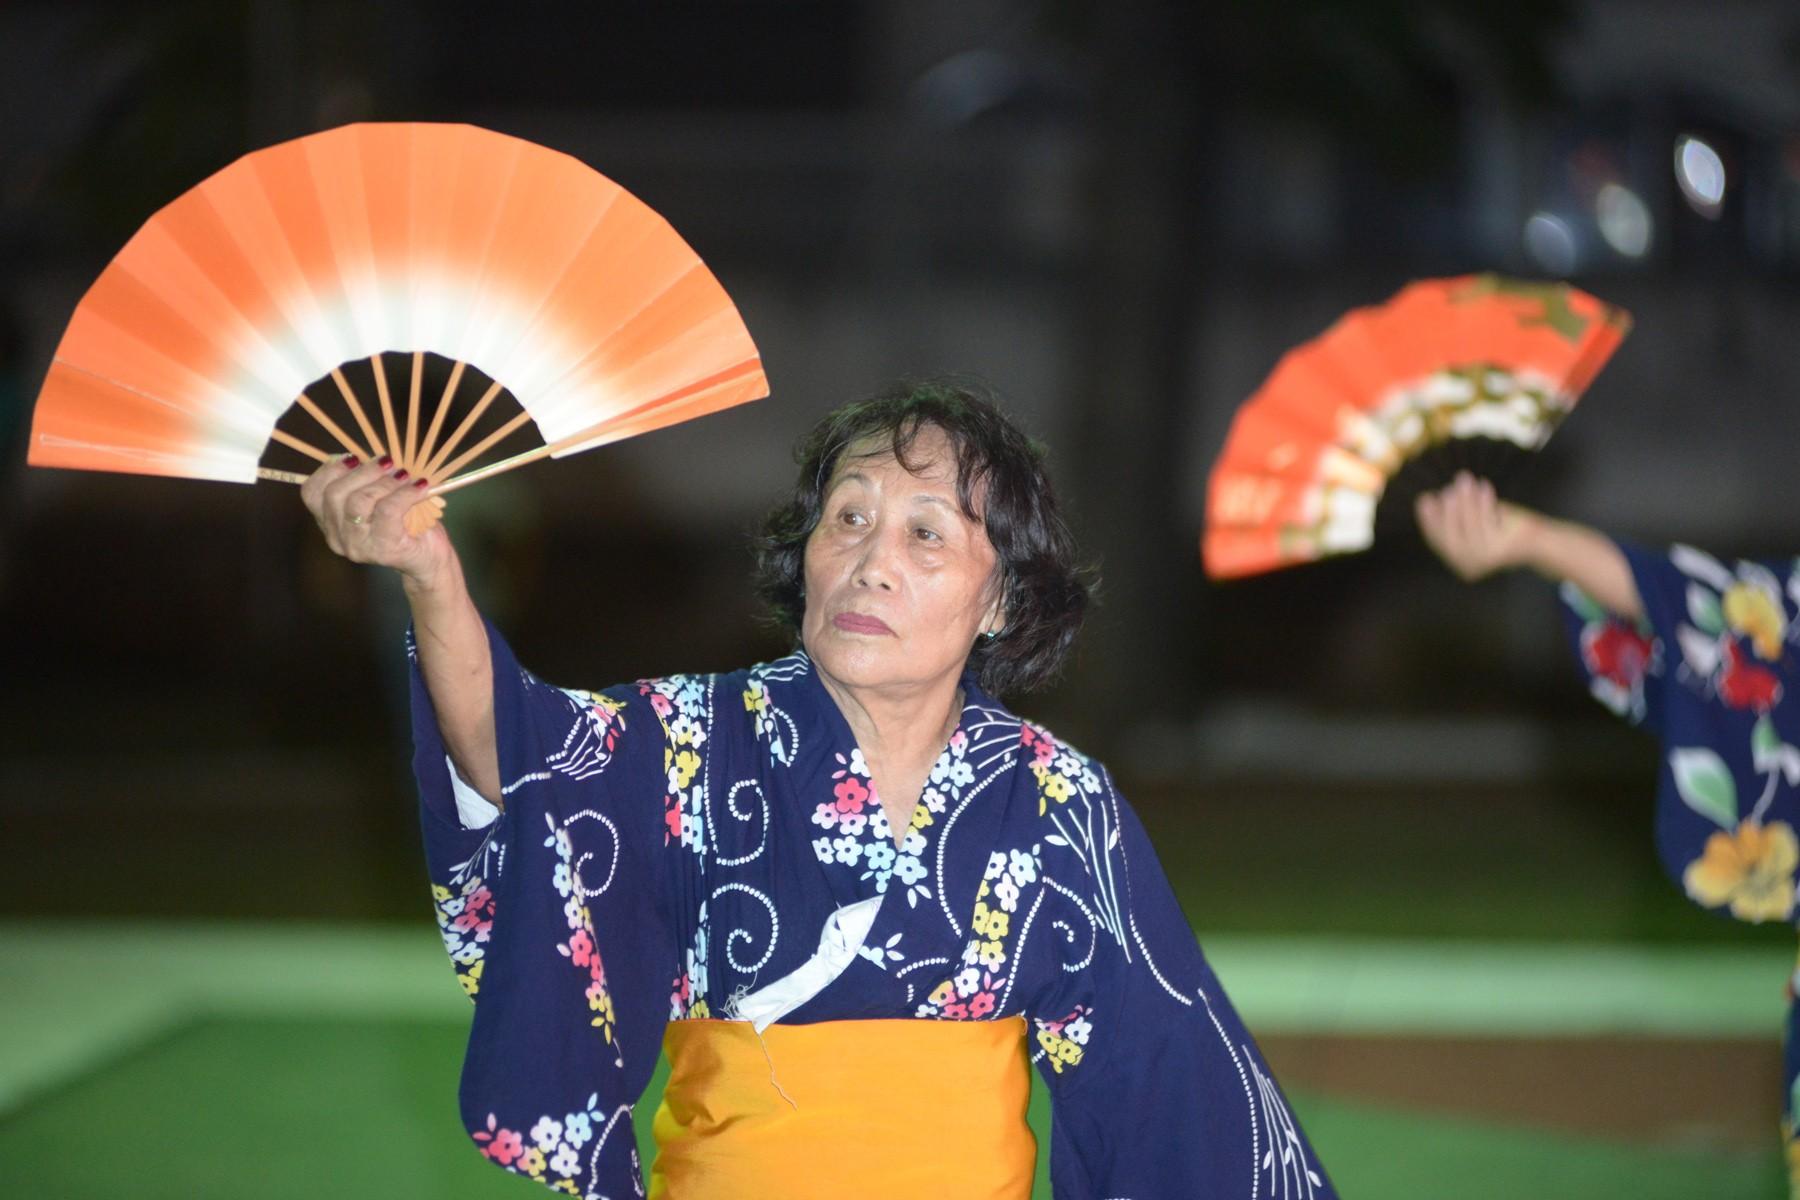 Festival Bon Odori celebra a cultura japonesa em Ipatinga - Notícias - Plantão Diário